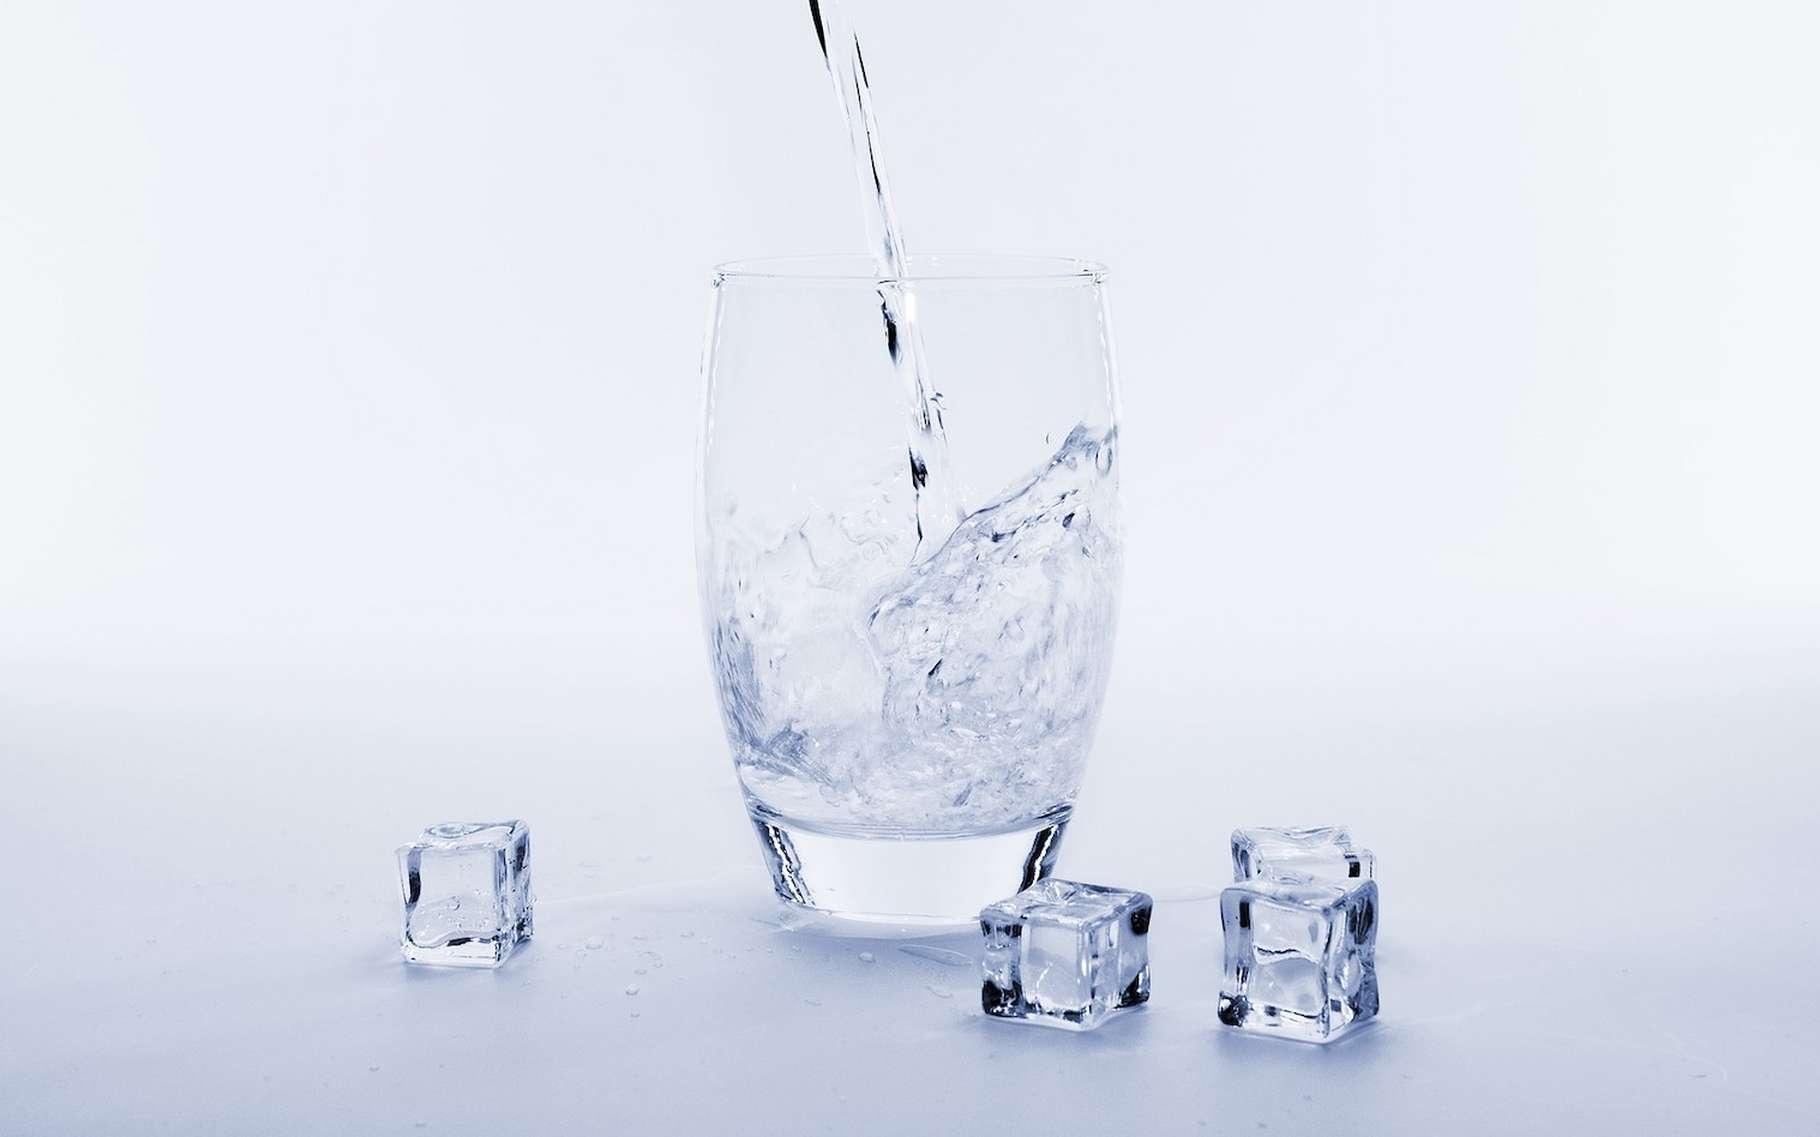 En principe, l'eau gèle à 0 °C, mais des chercheurs suisses sont parvenus à garder de l'eau liquide jusqu'à -263 °C ! © Bru-nO, Pixabay License